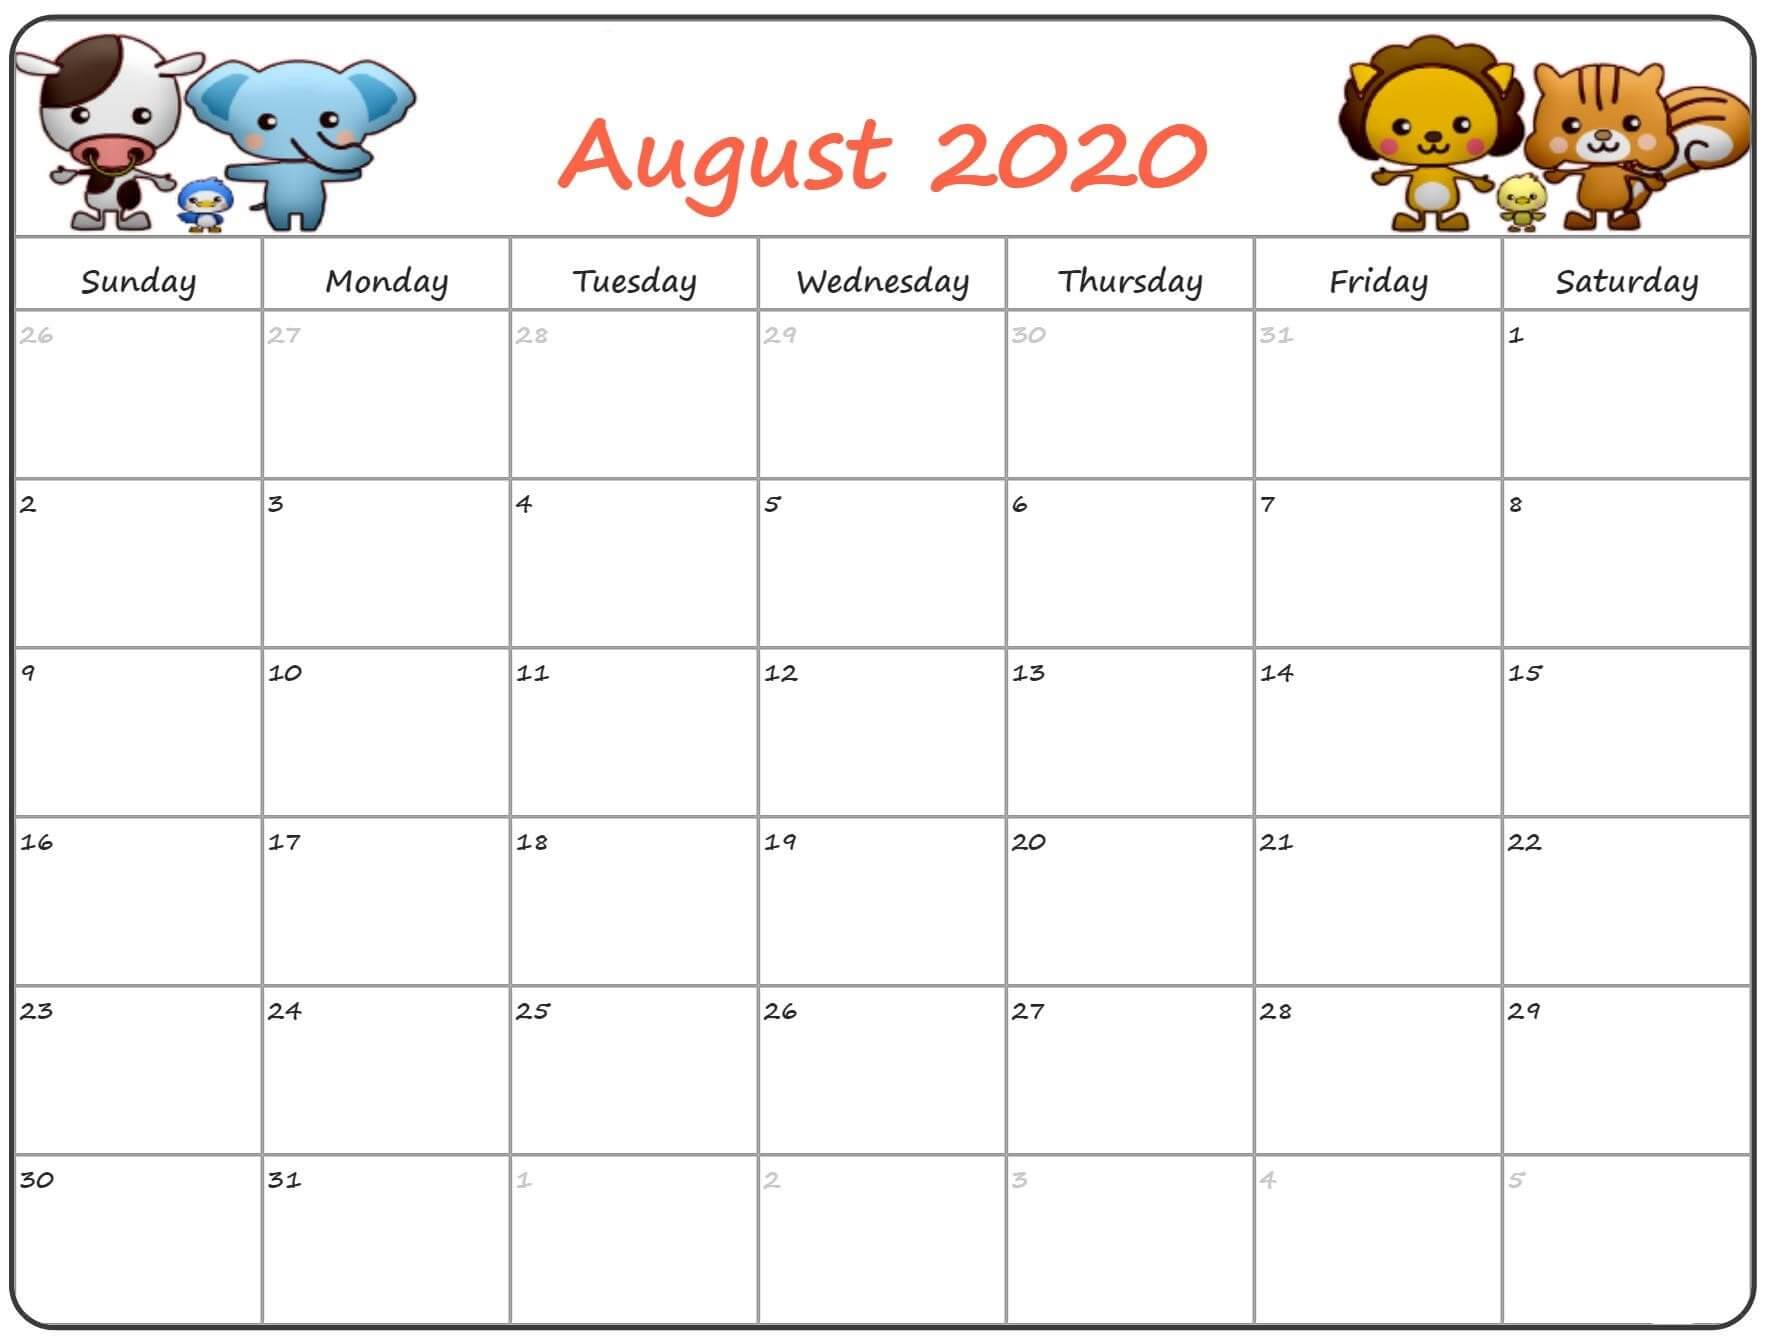 Cute August 2020 Calendar ForMAT